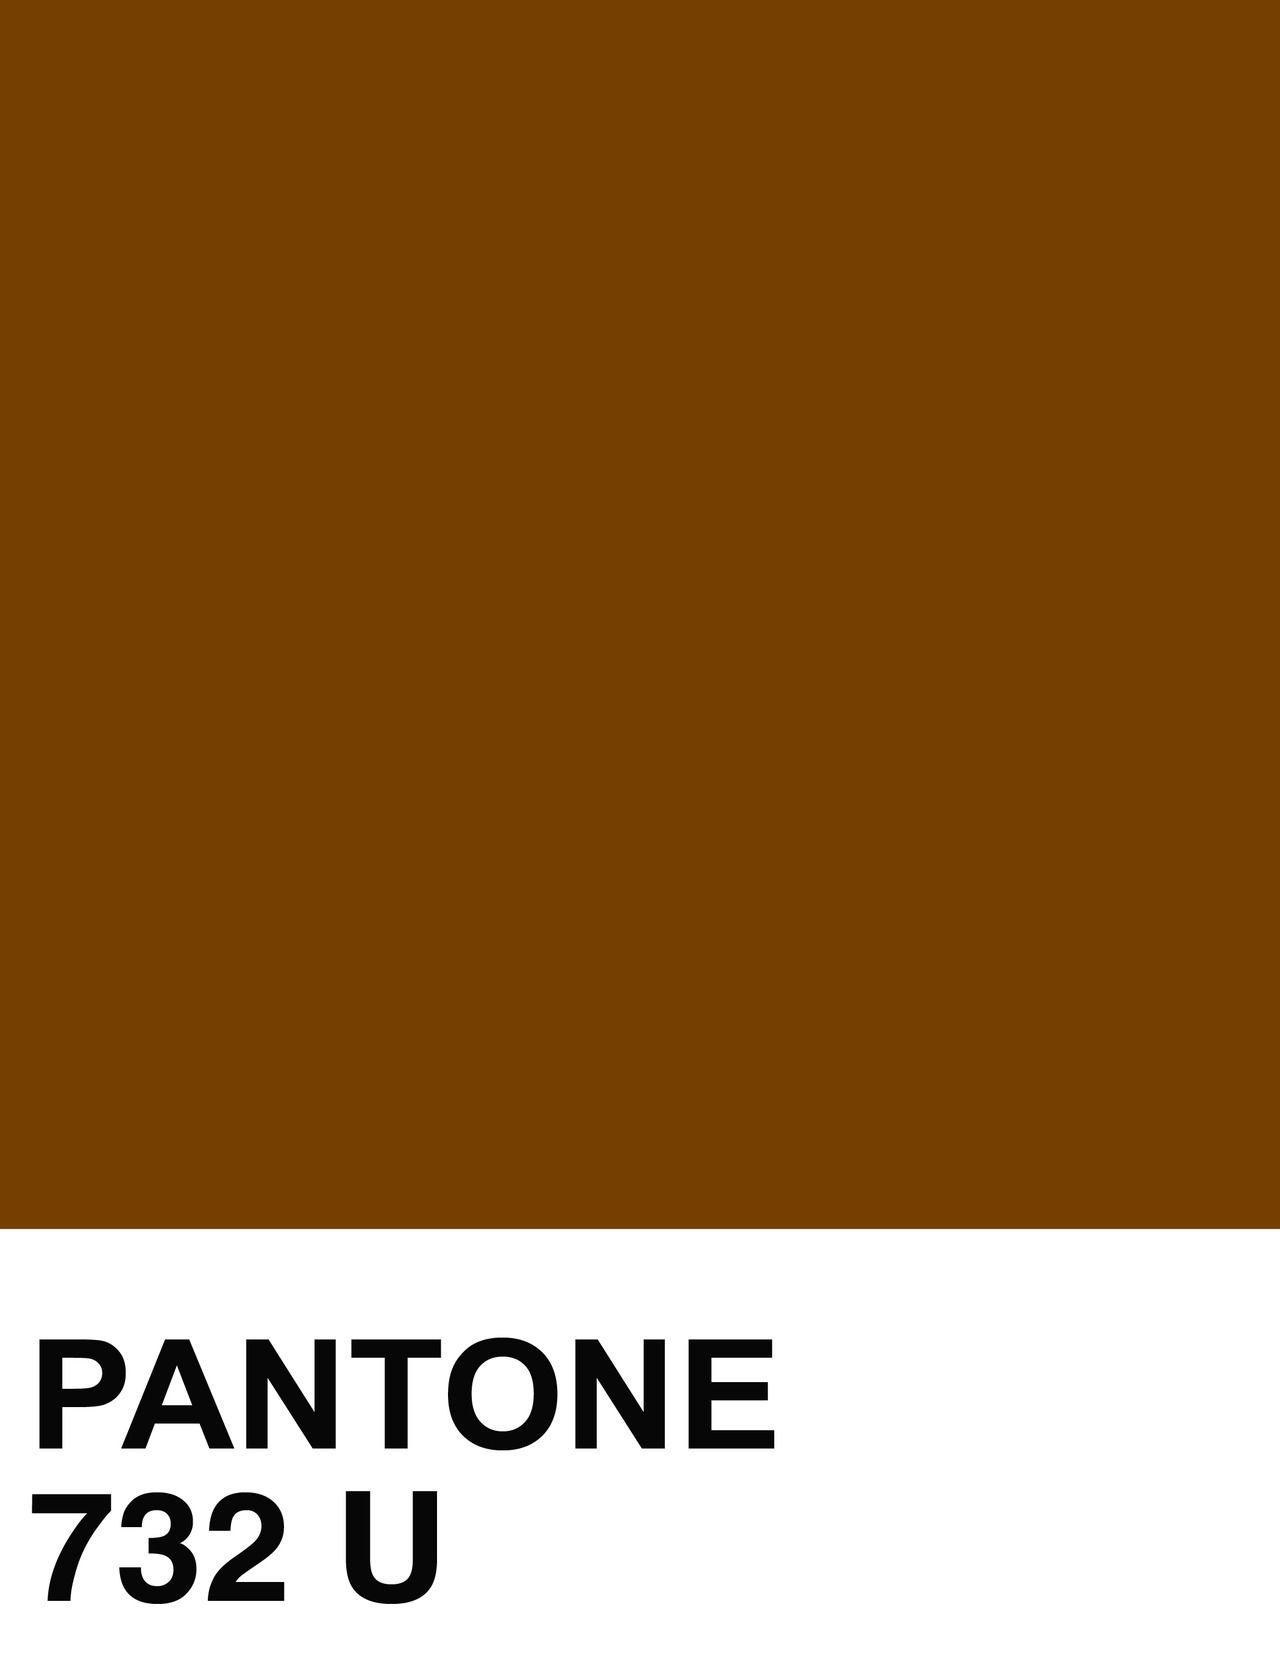 Pantone 732 U Card